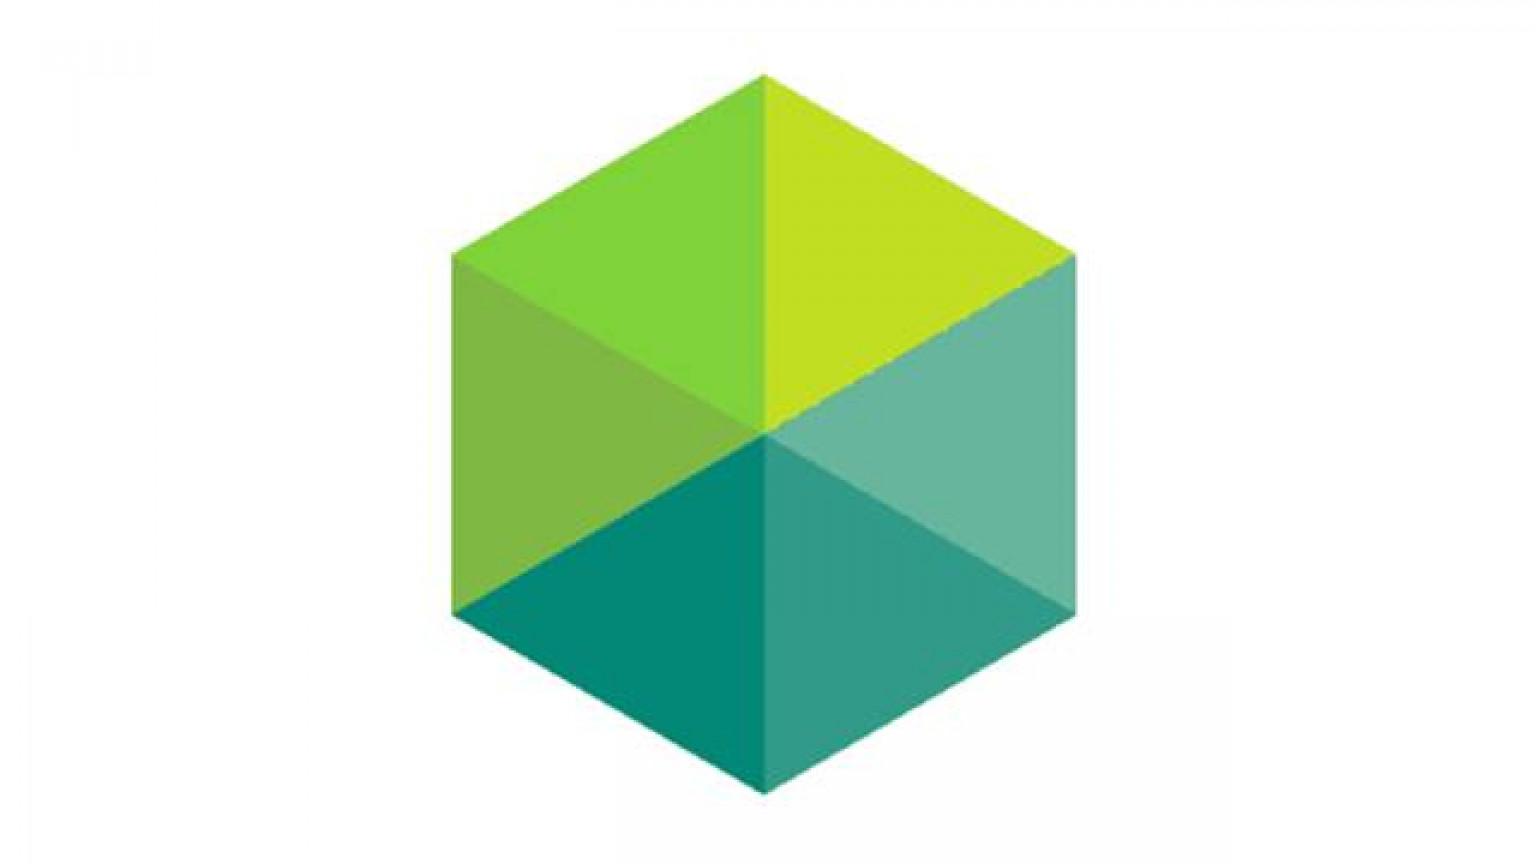 Logo Symbol of Peer to Peer lender Fellow Finance